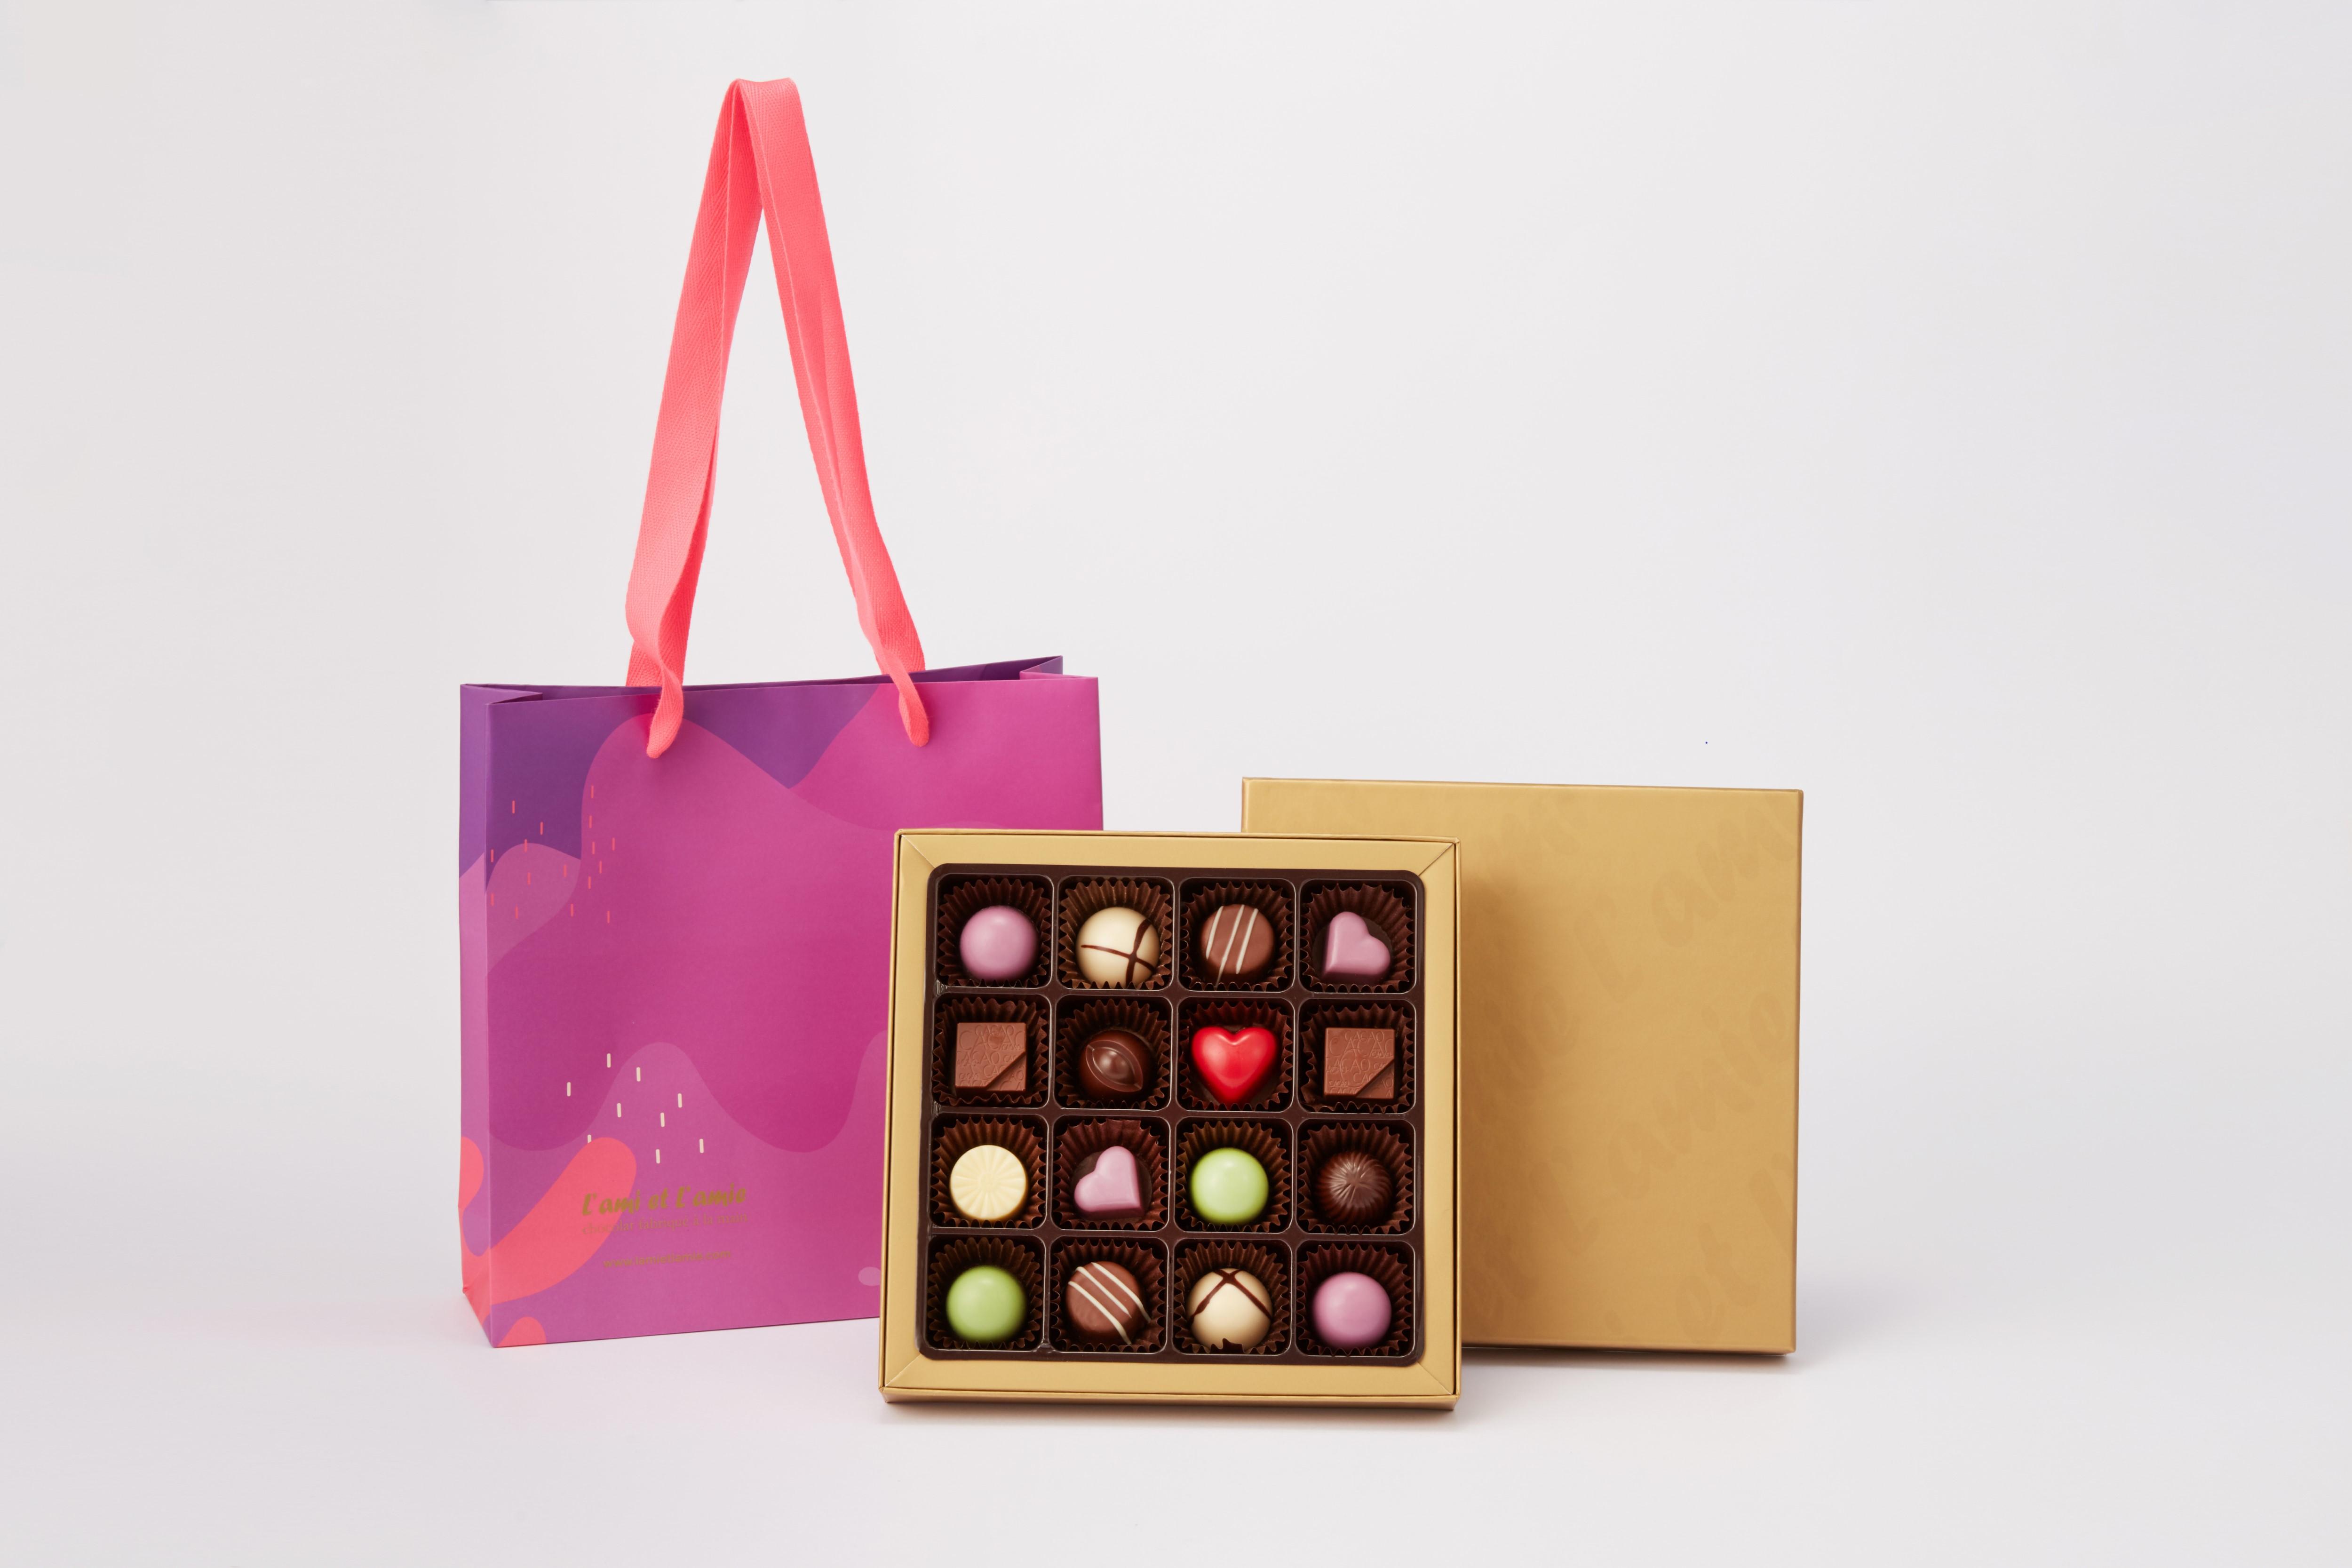 라미엣라미 Love Ensemble 수제 초콜릿 선물세트 16구 + 쇼핑백, 1세트